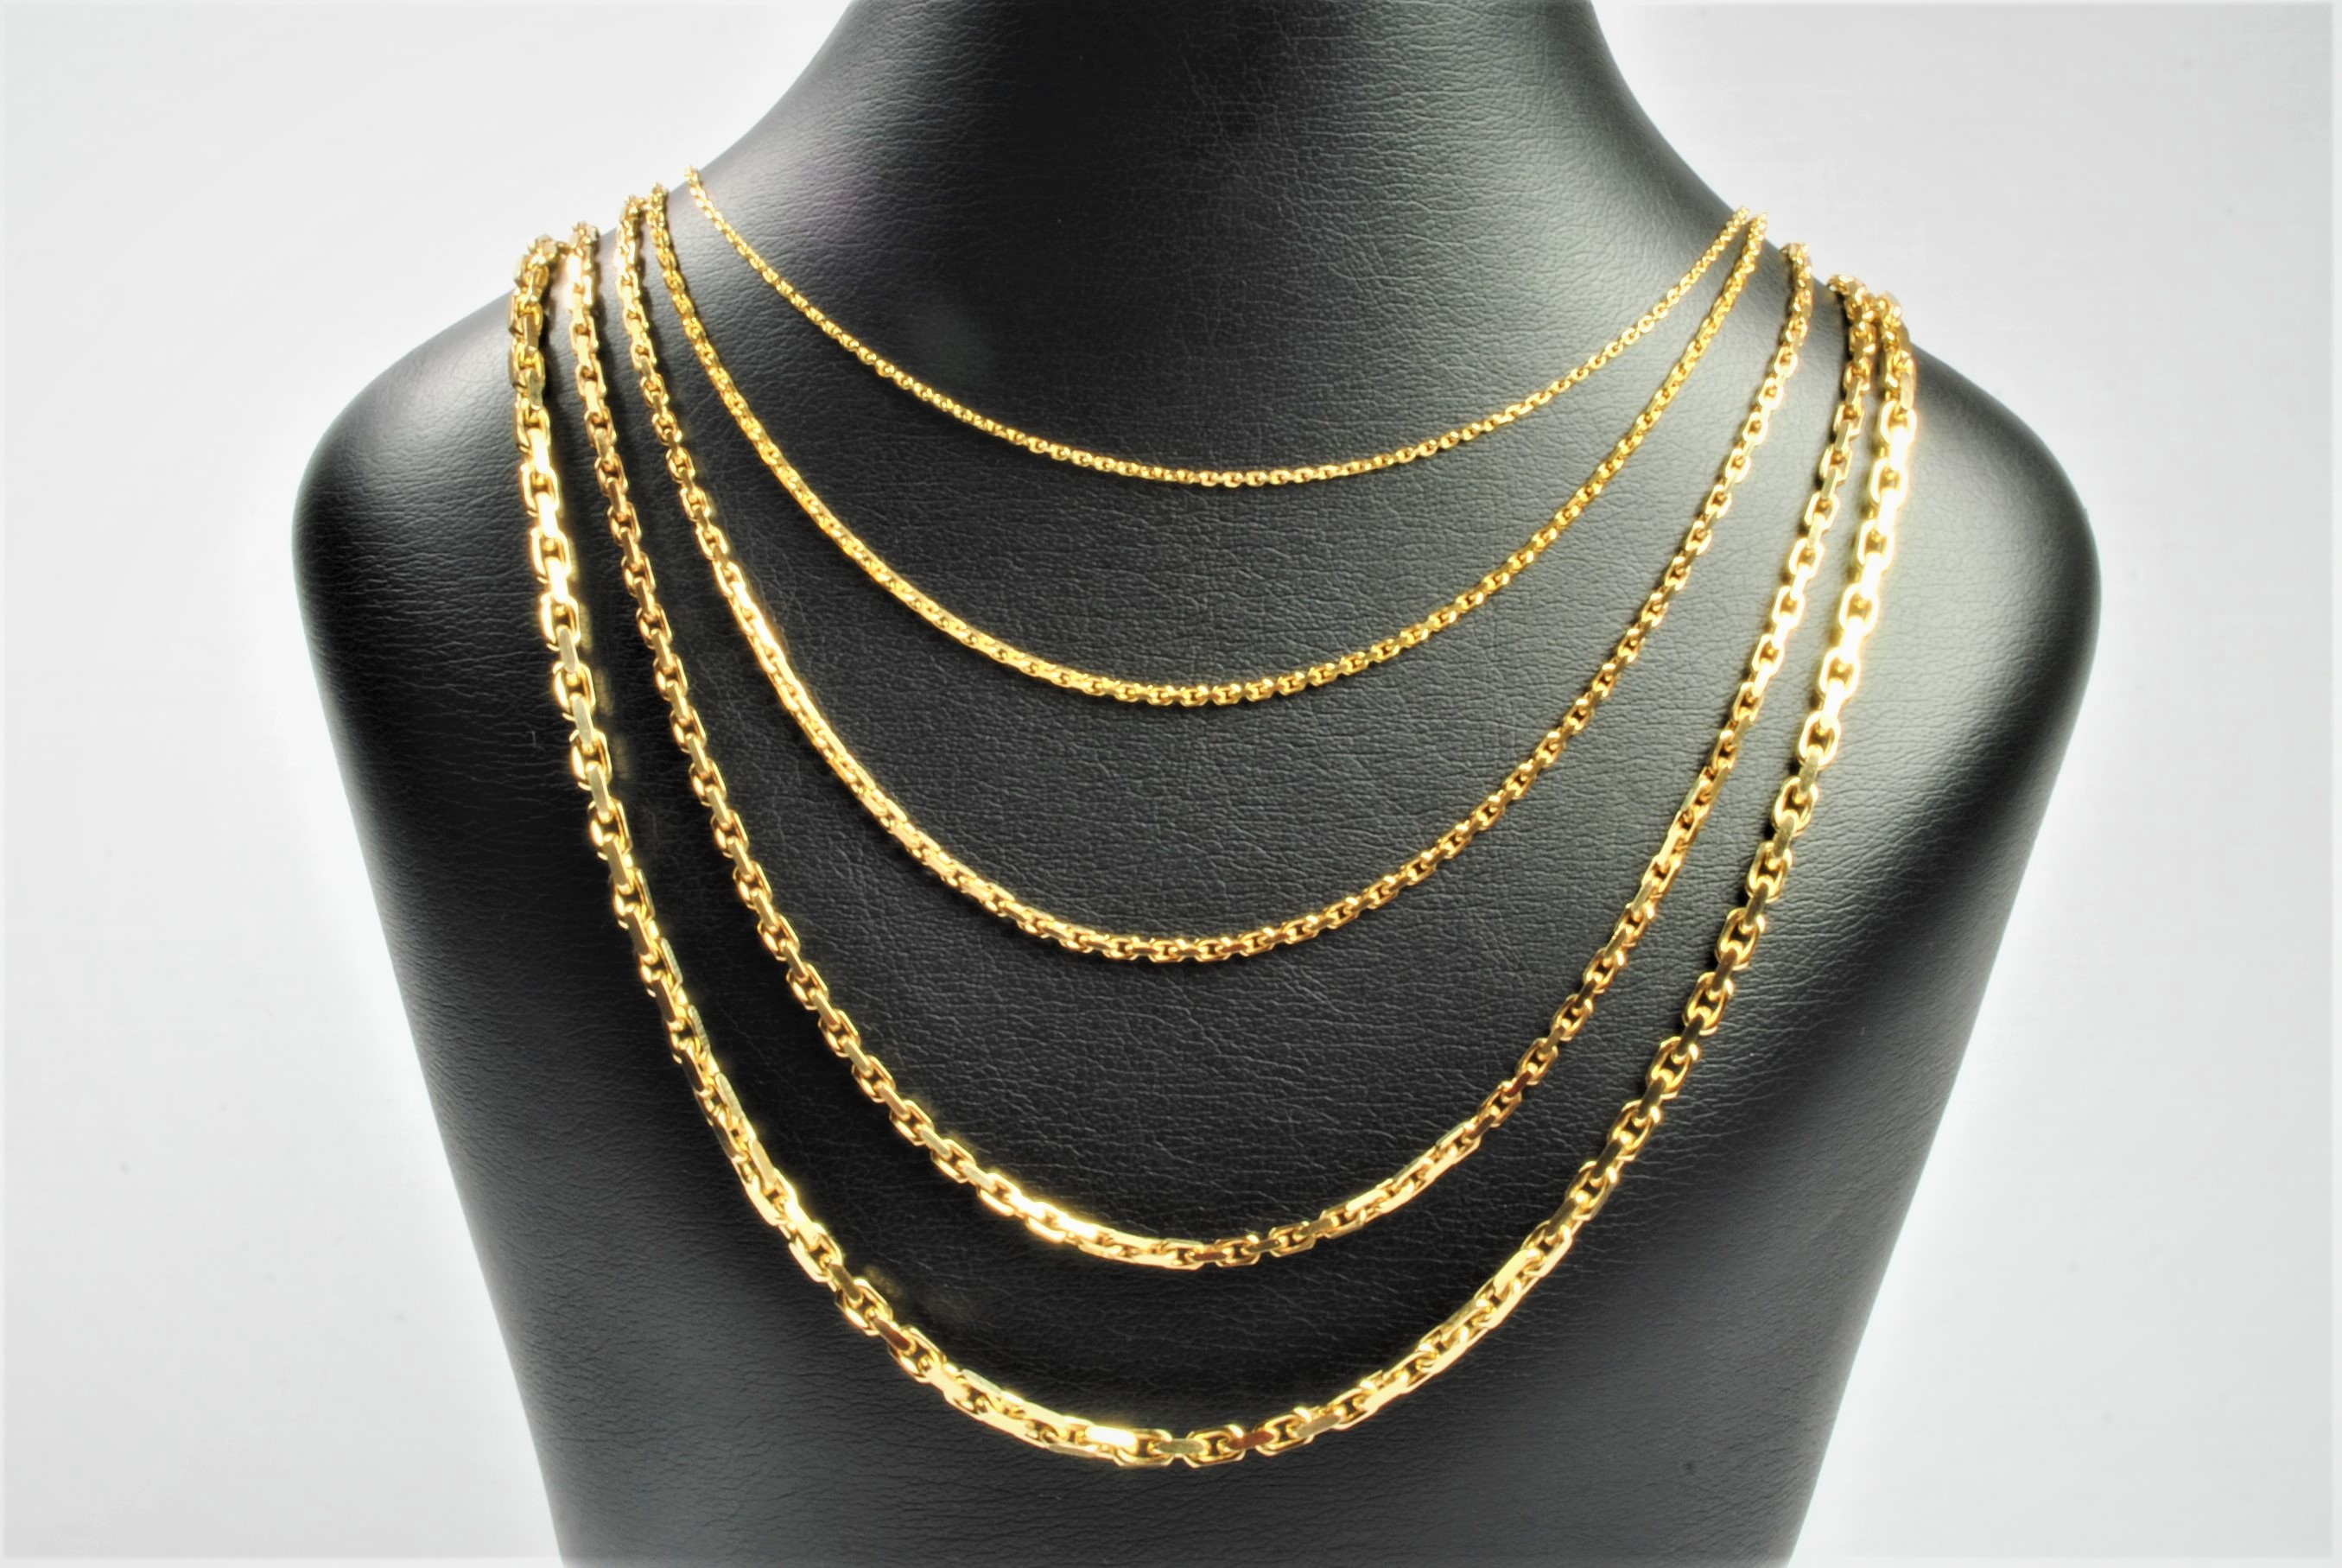 53e12c8f4c5 14 kt Guld anker facet halskæde 80 cm - Ure-smykker din lokale ...